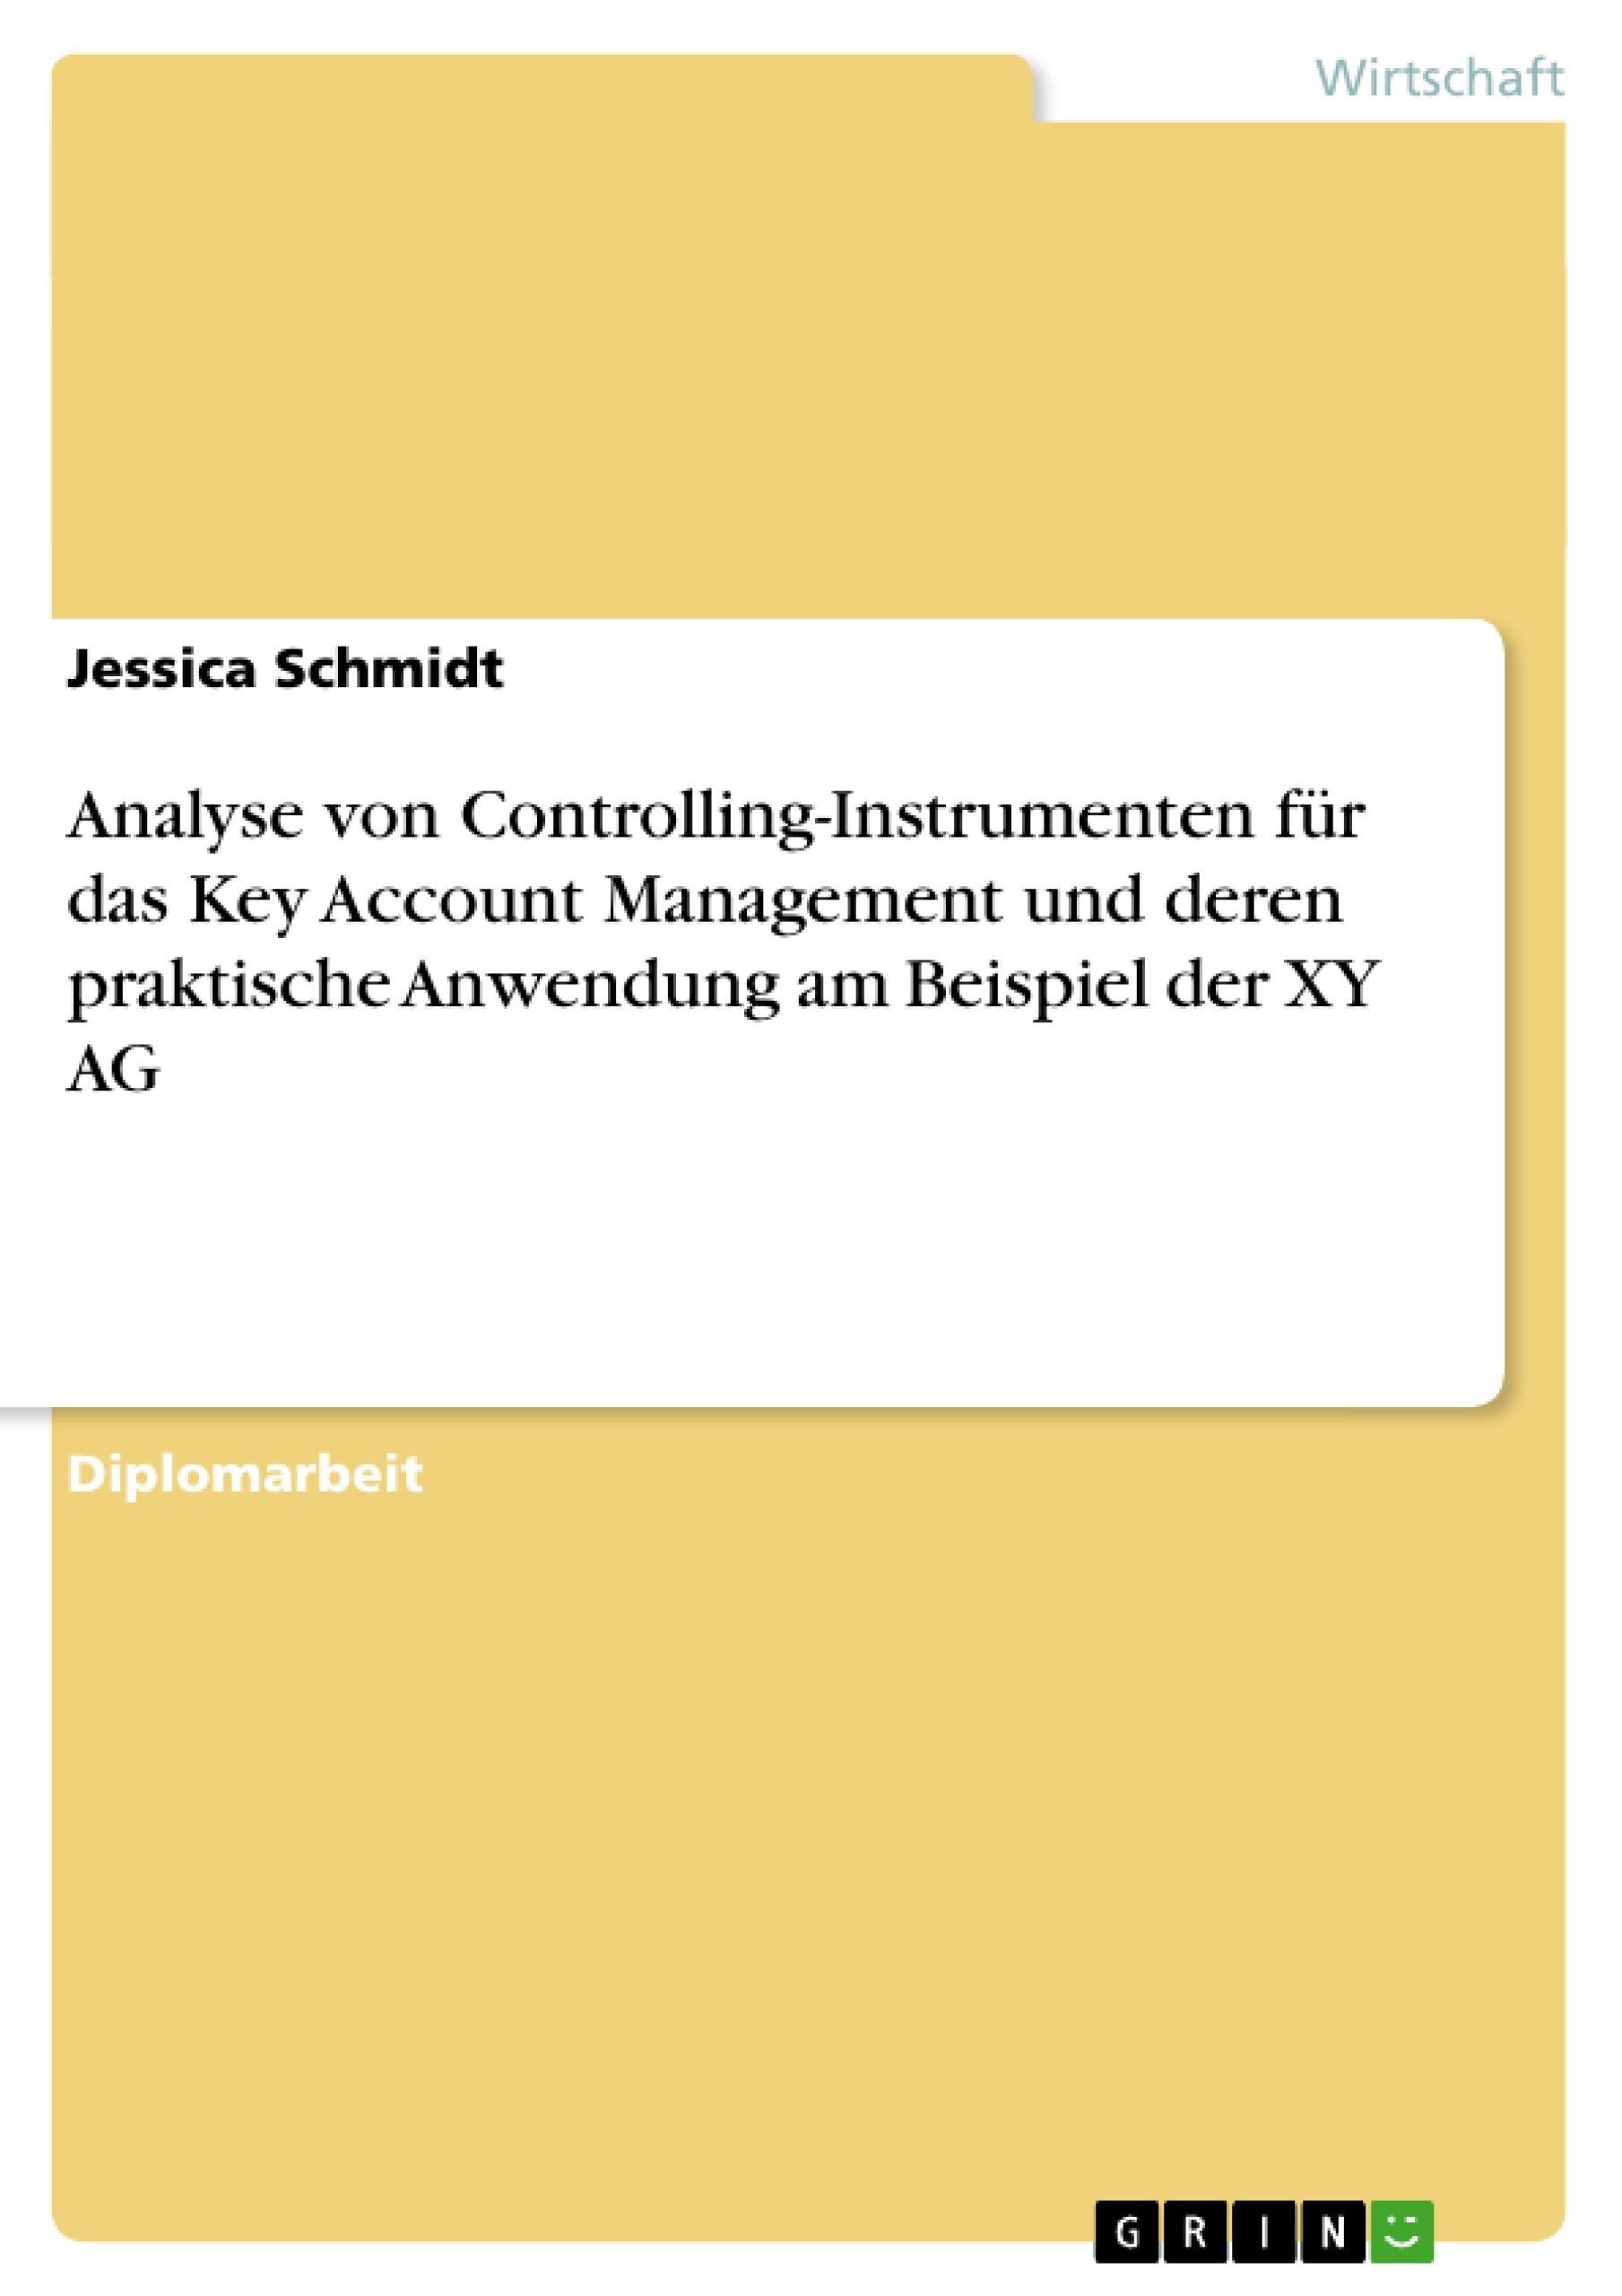 Titel: Analyse von Controlling-Instrumenten für das Key Account Management und deren praktische Anwendung am Beispiel der XY AG